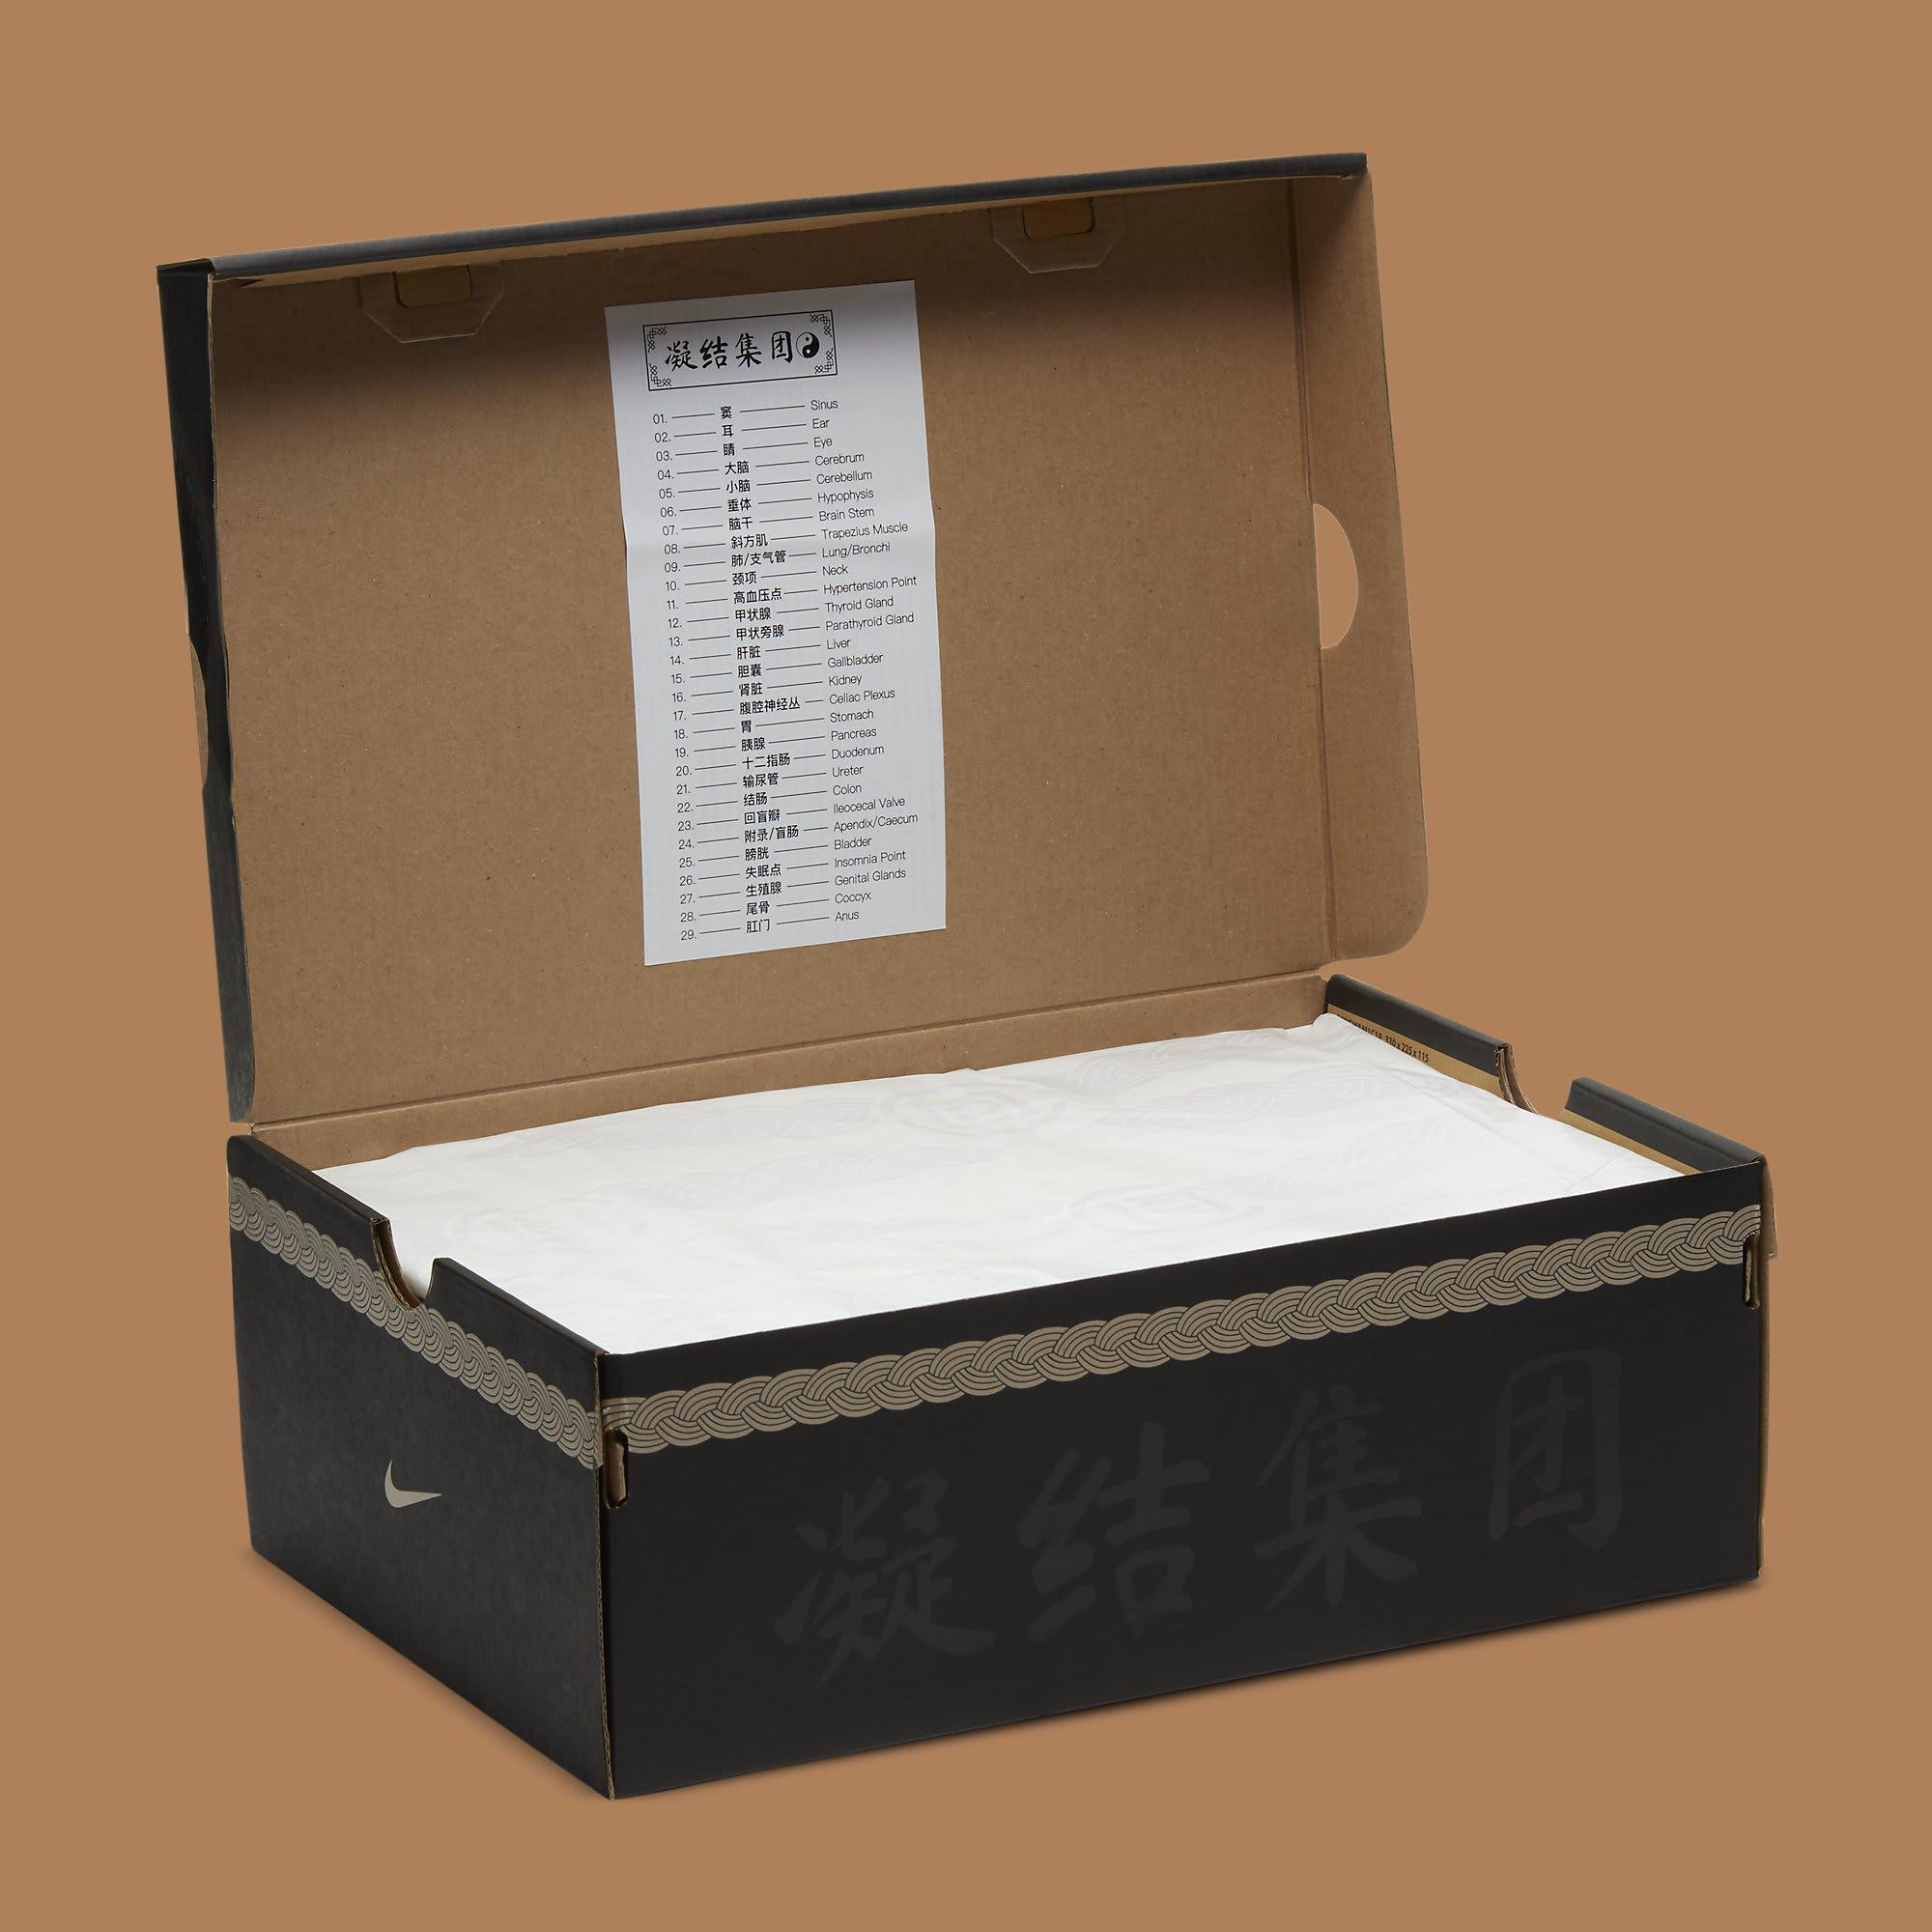 Clot x Nike Air Max 1 'K.O.D. - CHA' DD1870-200 Box